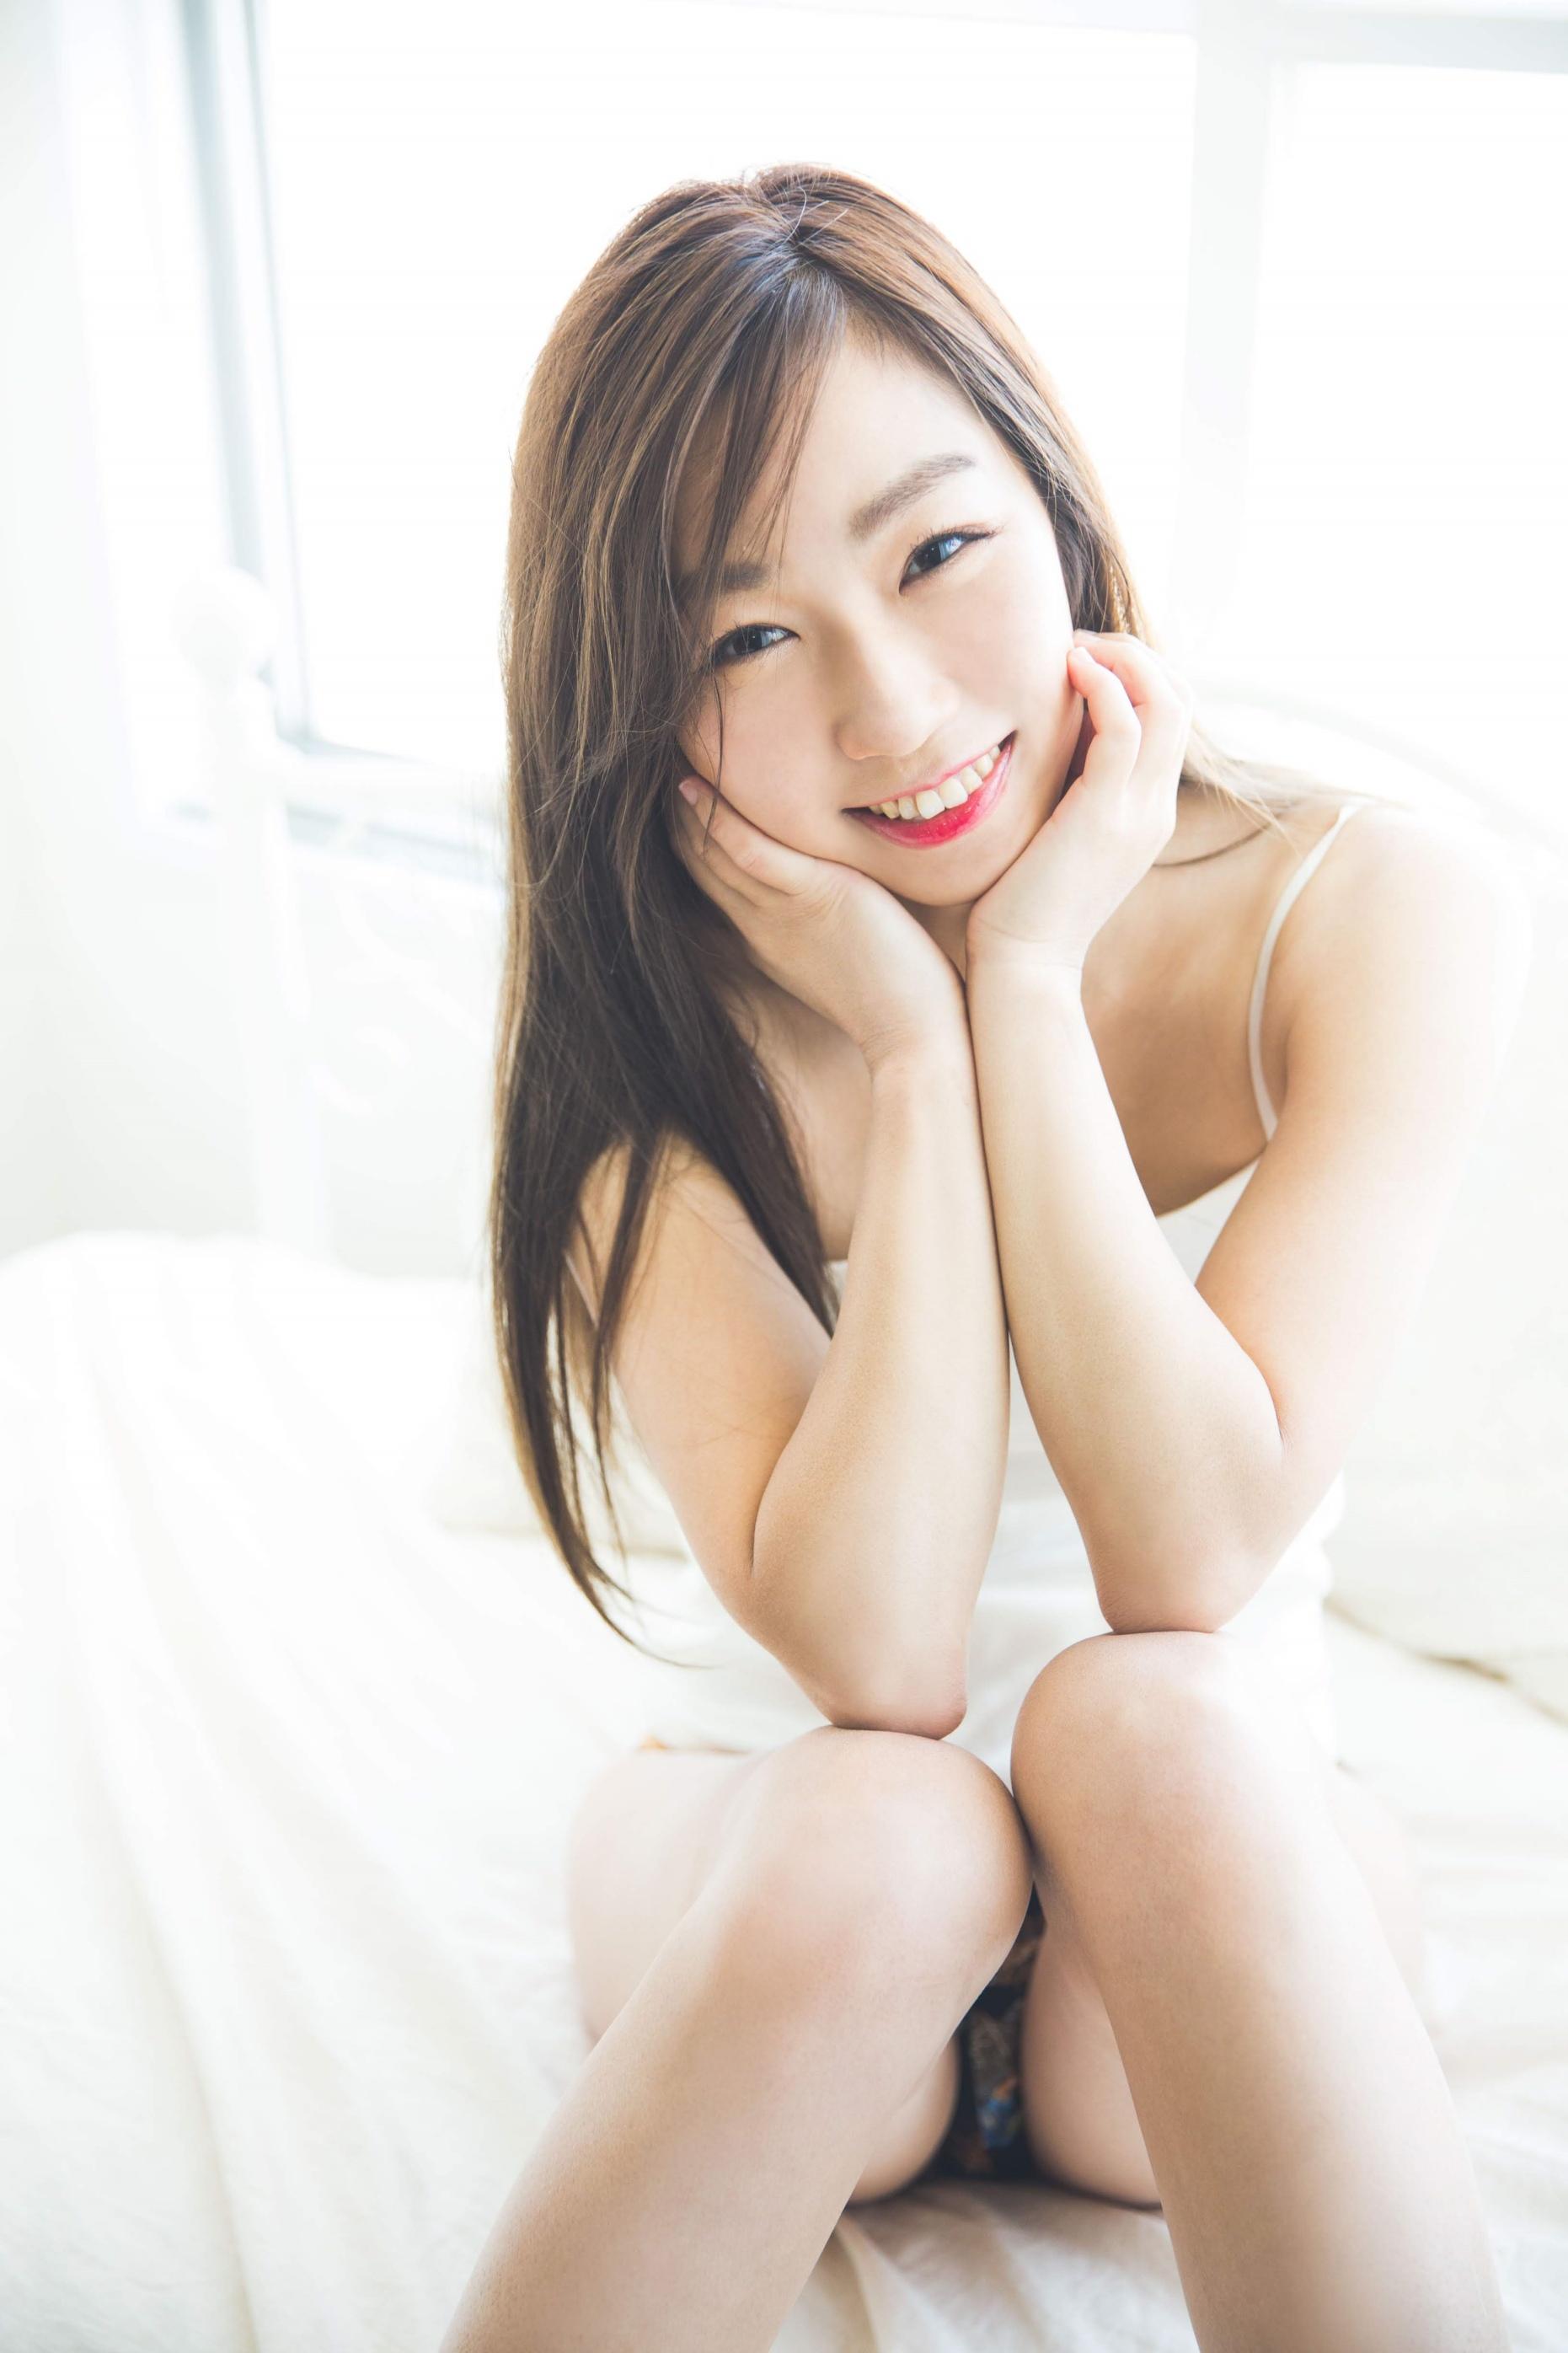 kamishiro_niina_s_t_01